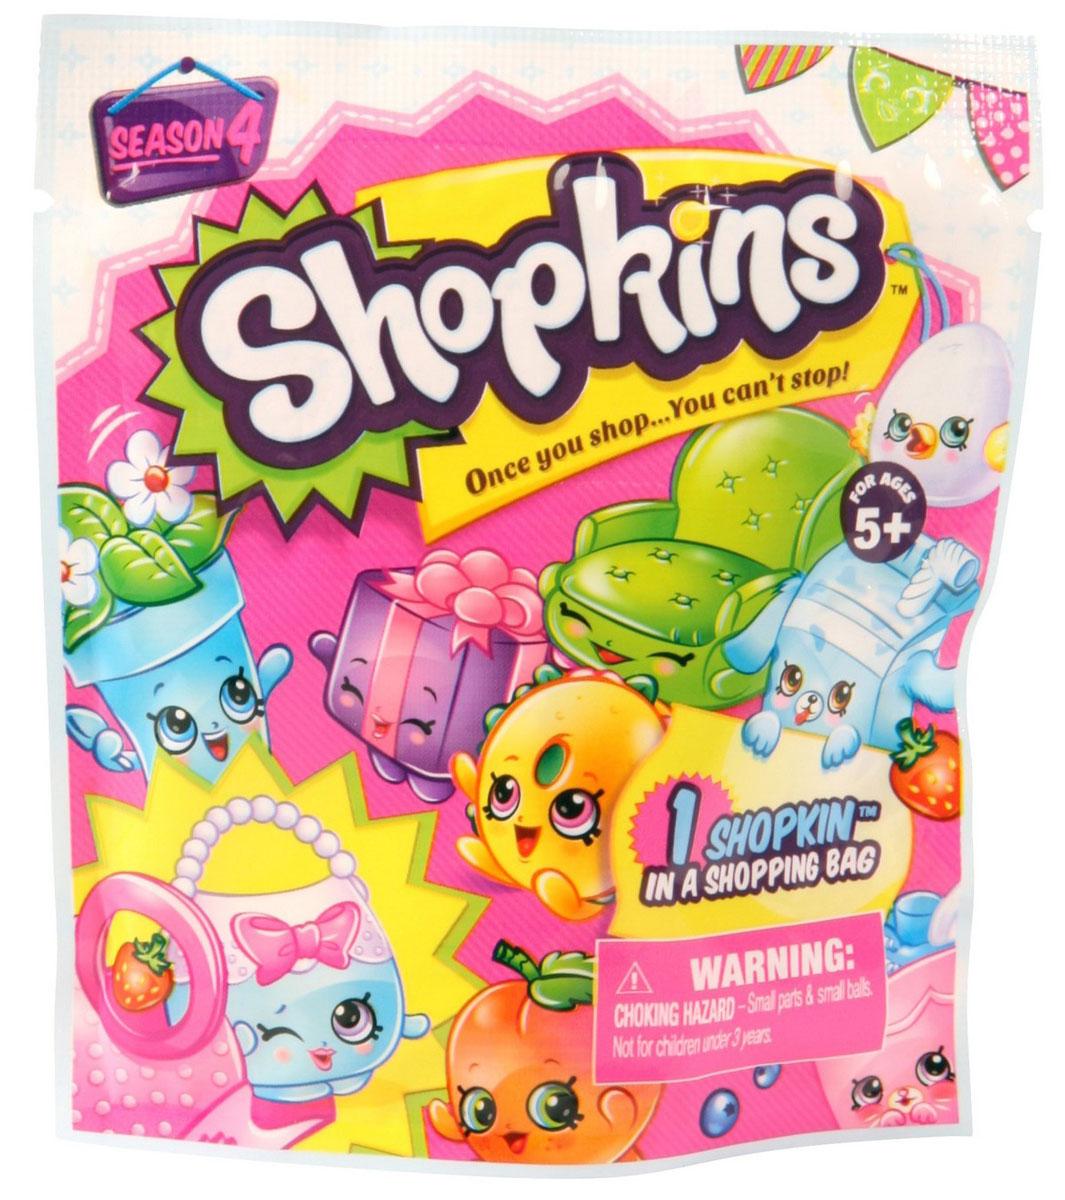 Shopkins Фигурка56118Фольгированный пакетик с фигурками Shopkins - это настоящий сюрприз для каждой девочки-мечтательницы. Открыв яркую упаковку, на которой изображены знаменитые фигурки Shopkins, ваша малышка найдет одну из фигурок, корзиночку и руководство коллекционера. Кто именно оказался в вашем пакетике, вам поможет разобраться руководство коллекционера, в котором подробно написано о каждом герое. Все фигурки коллекции выглядят очень жизнерадостными. Их добродушные мордашки с маленькими глазками и носиками, обязательно привлекут внимание ребенка. Игрушки настолько компактны, что всегда смогут составить компанию ребенку на прогулке или в любом путешествии.